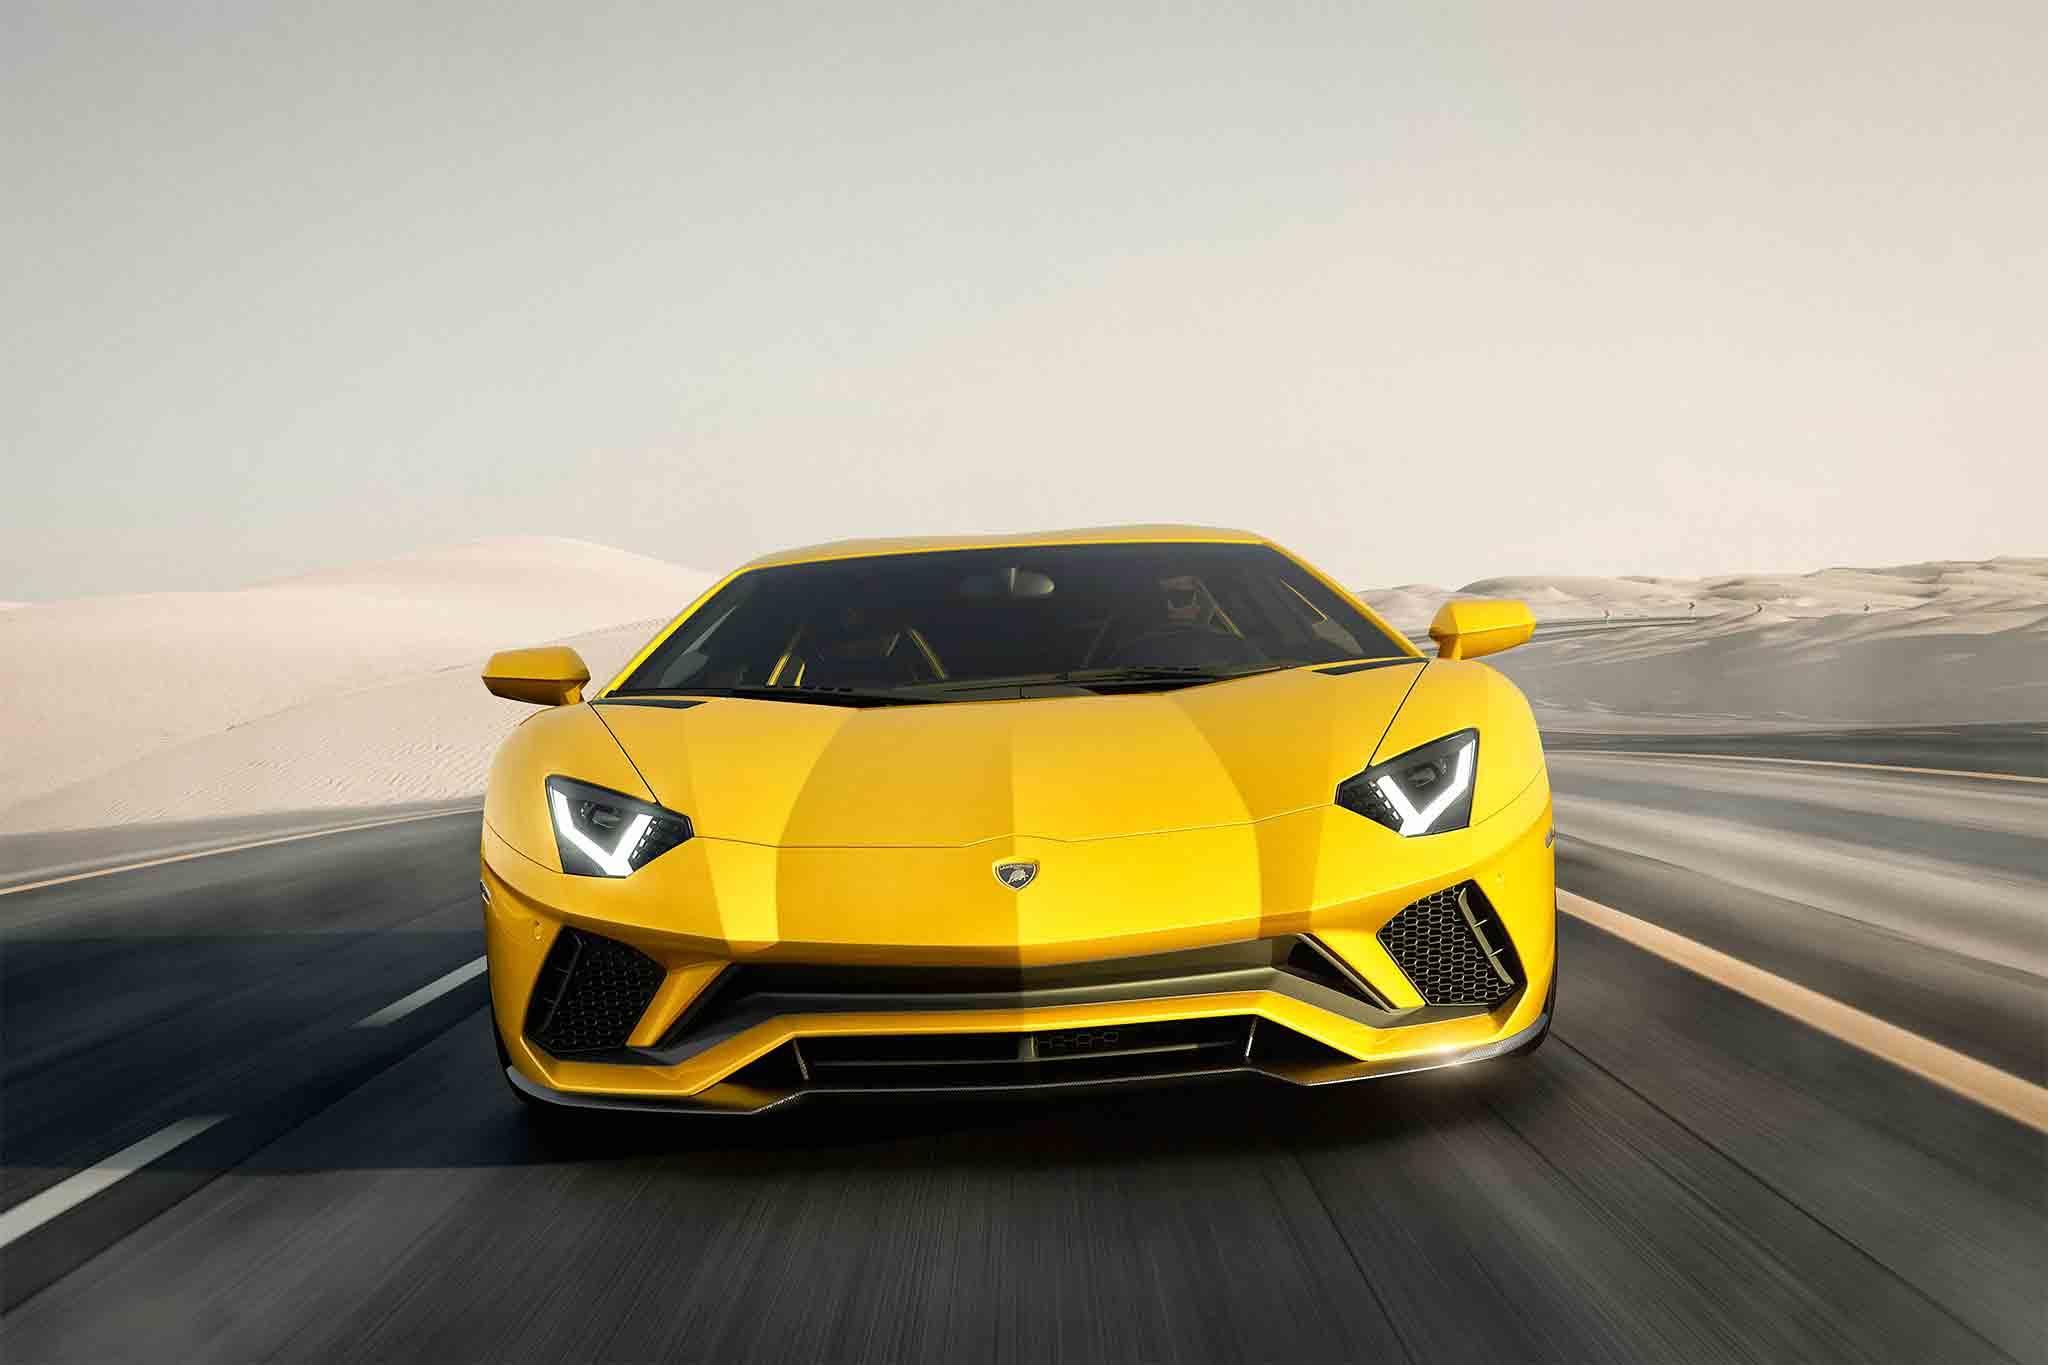 Суперкары Lamborghini разошлись «как горячие пирожки» 2